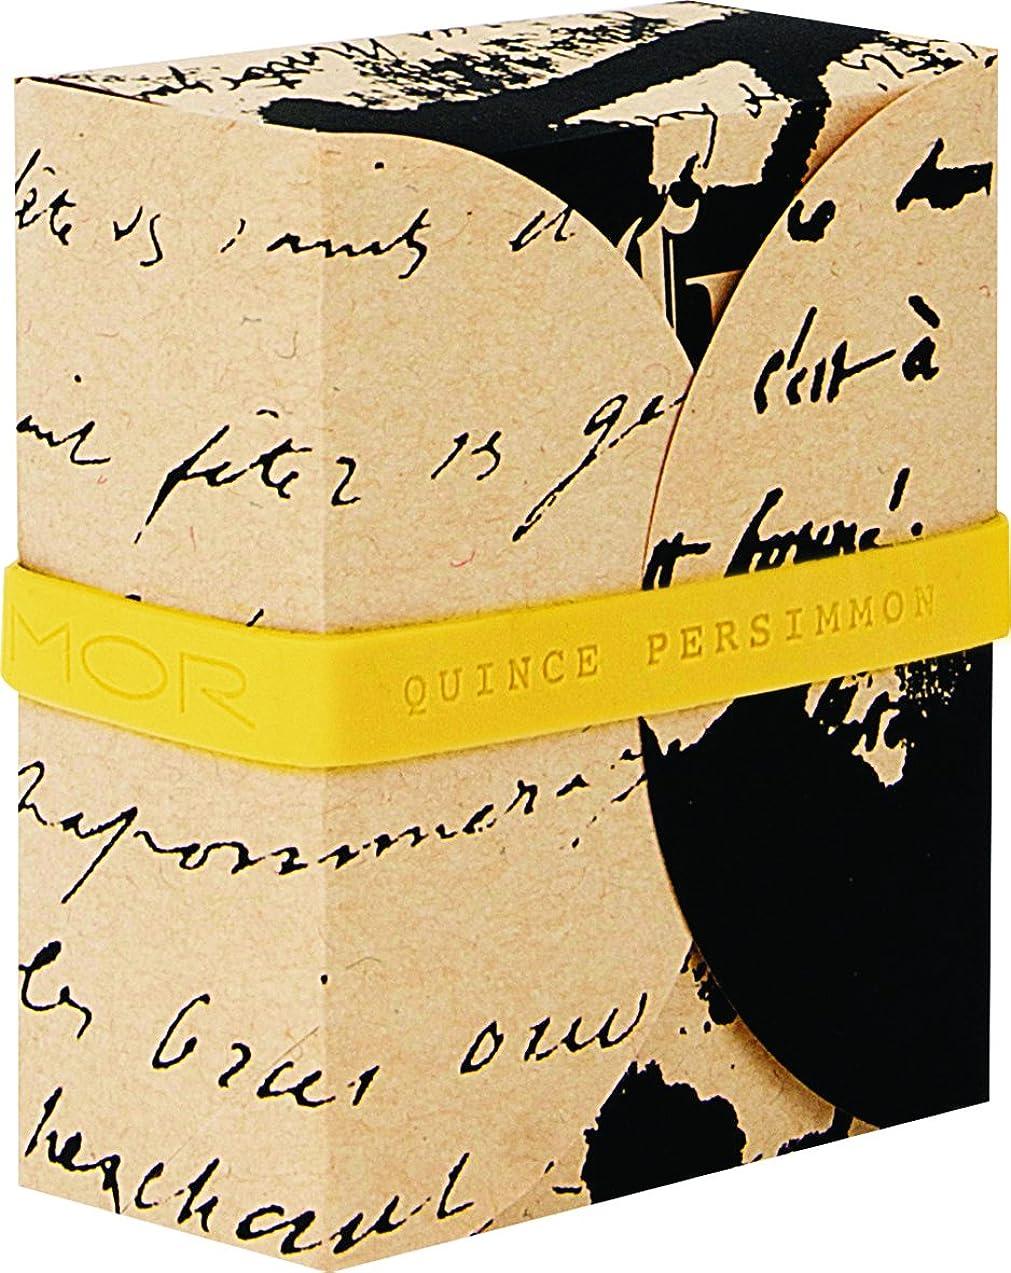 ダウンタウン強盗香水MOR(モア) コレスポンデンス トリプルミルドソープバー クインスパーシモン 180g